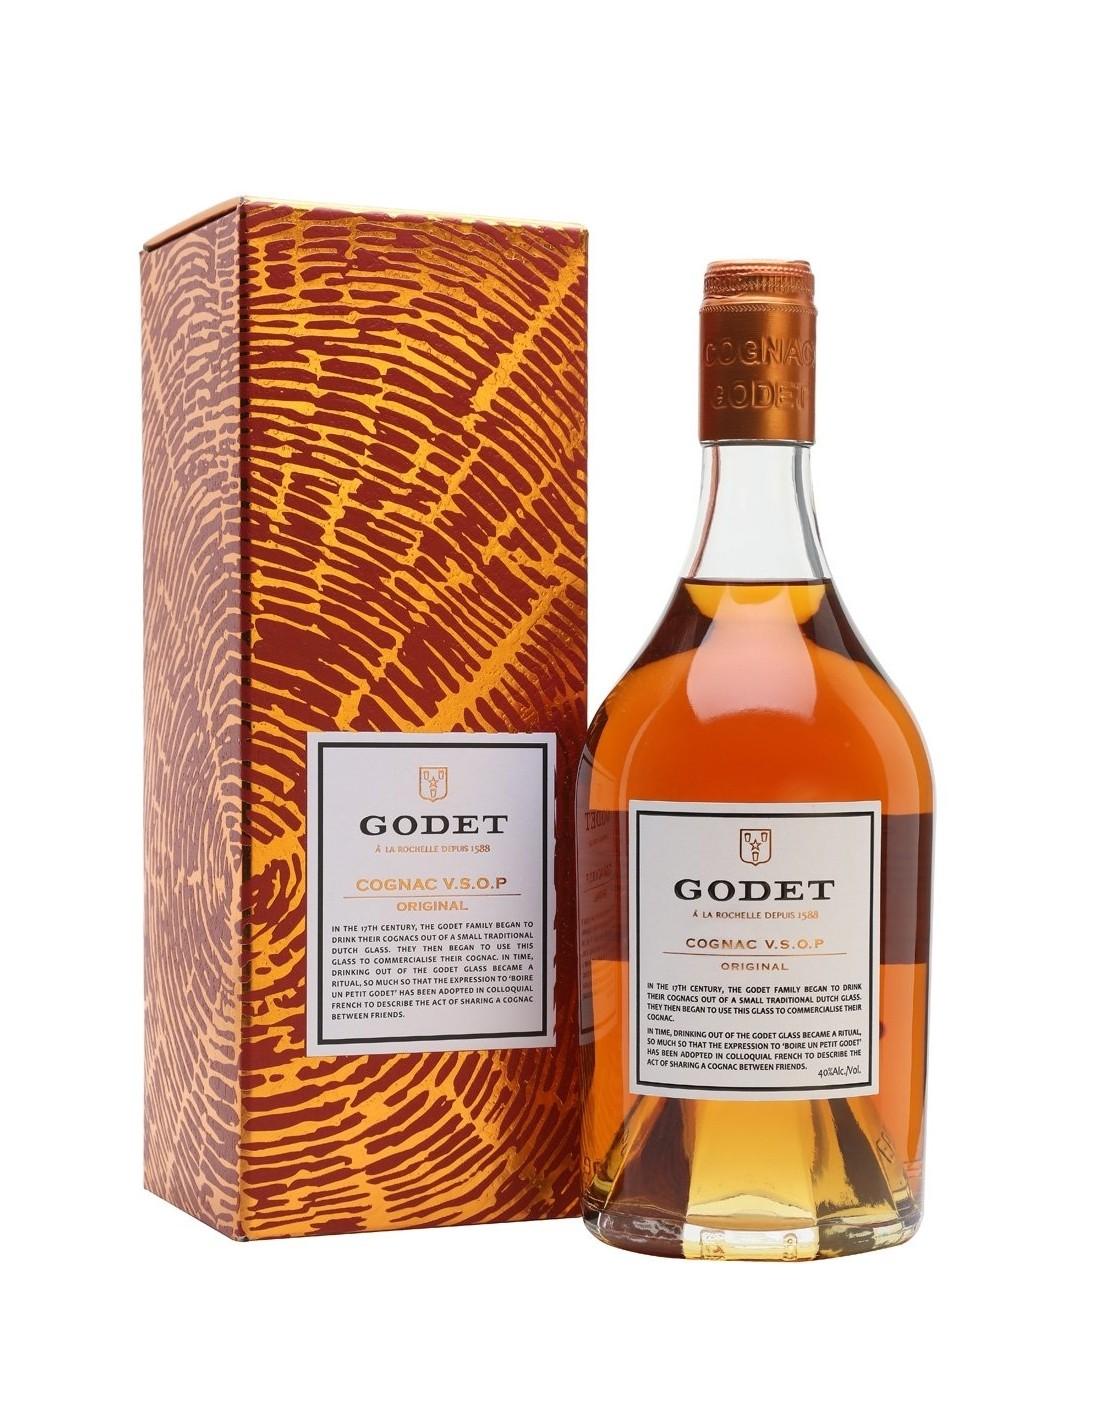 Coniac Godet V.S.O.P Original, 40% alc. 0.7L